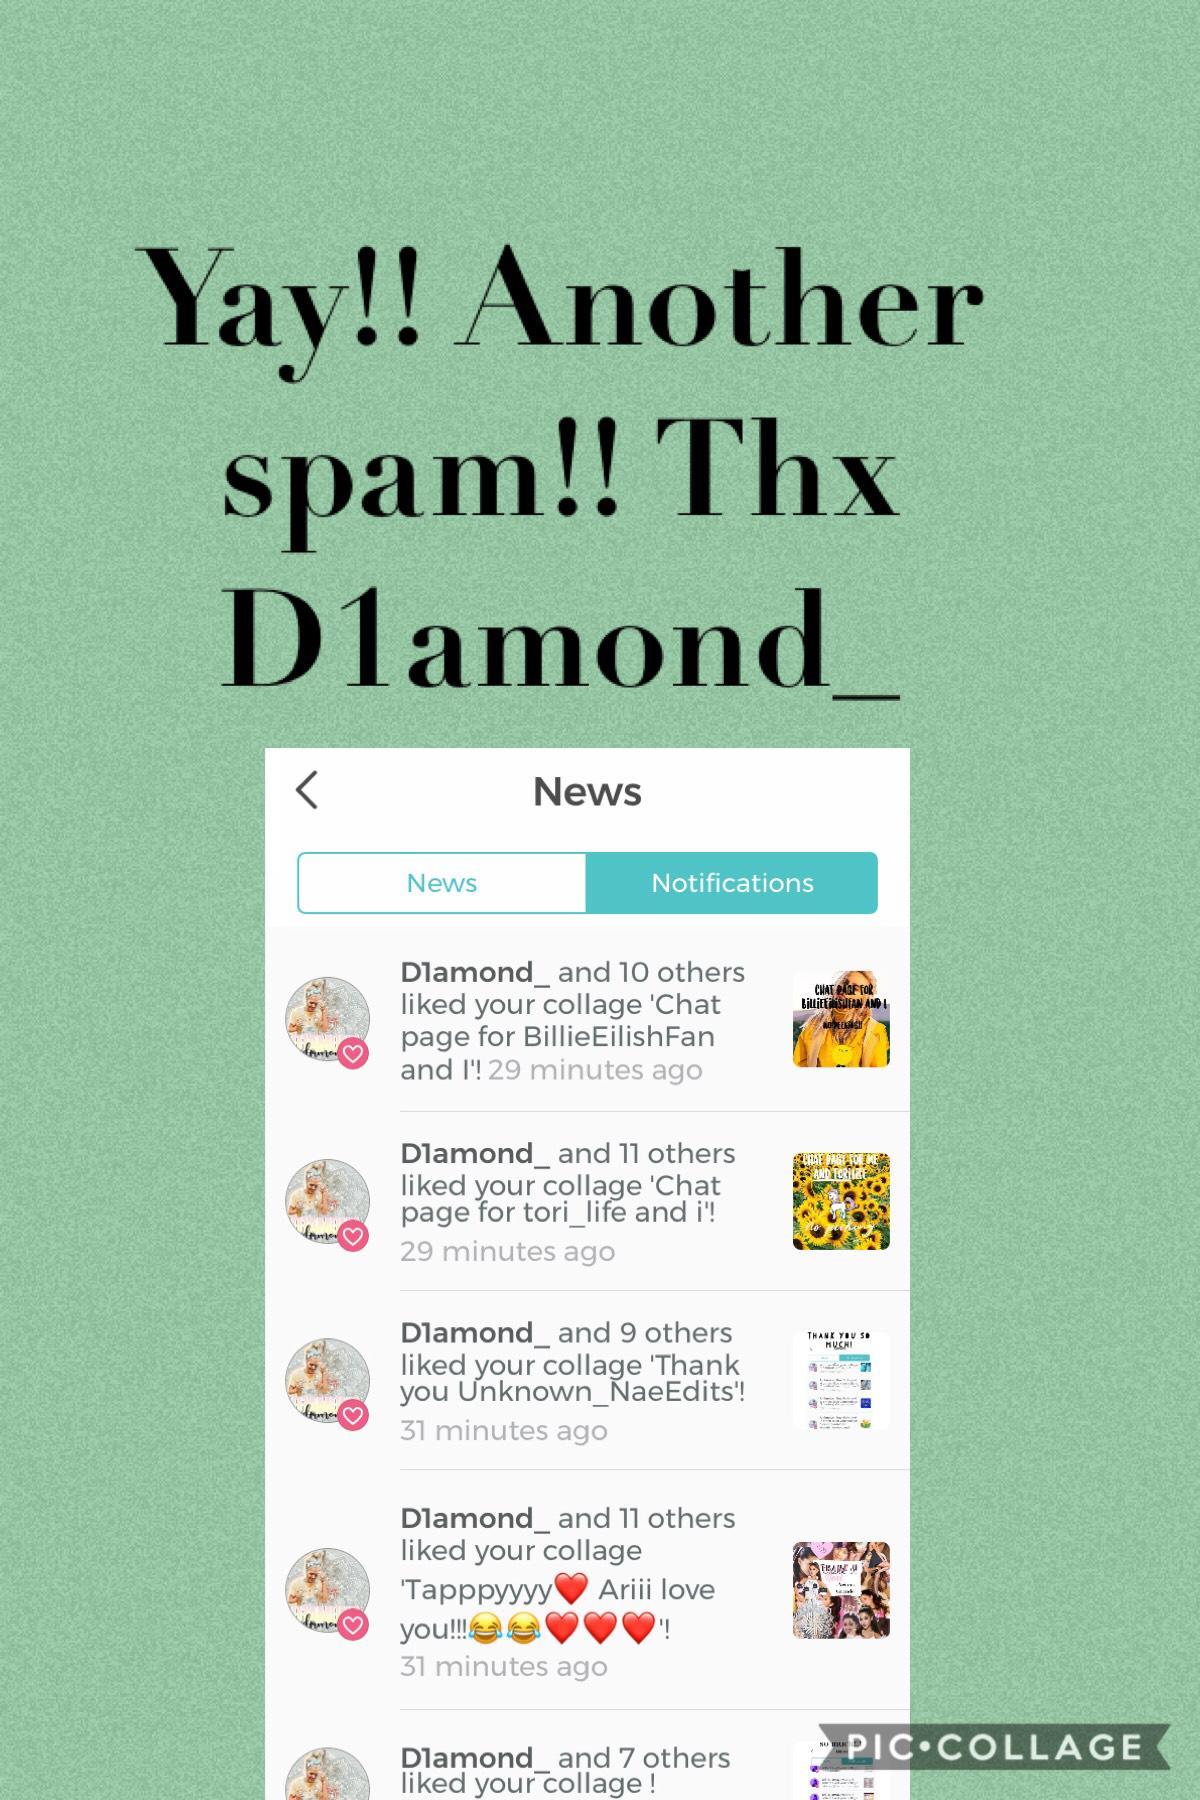 Thx d1amond_